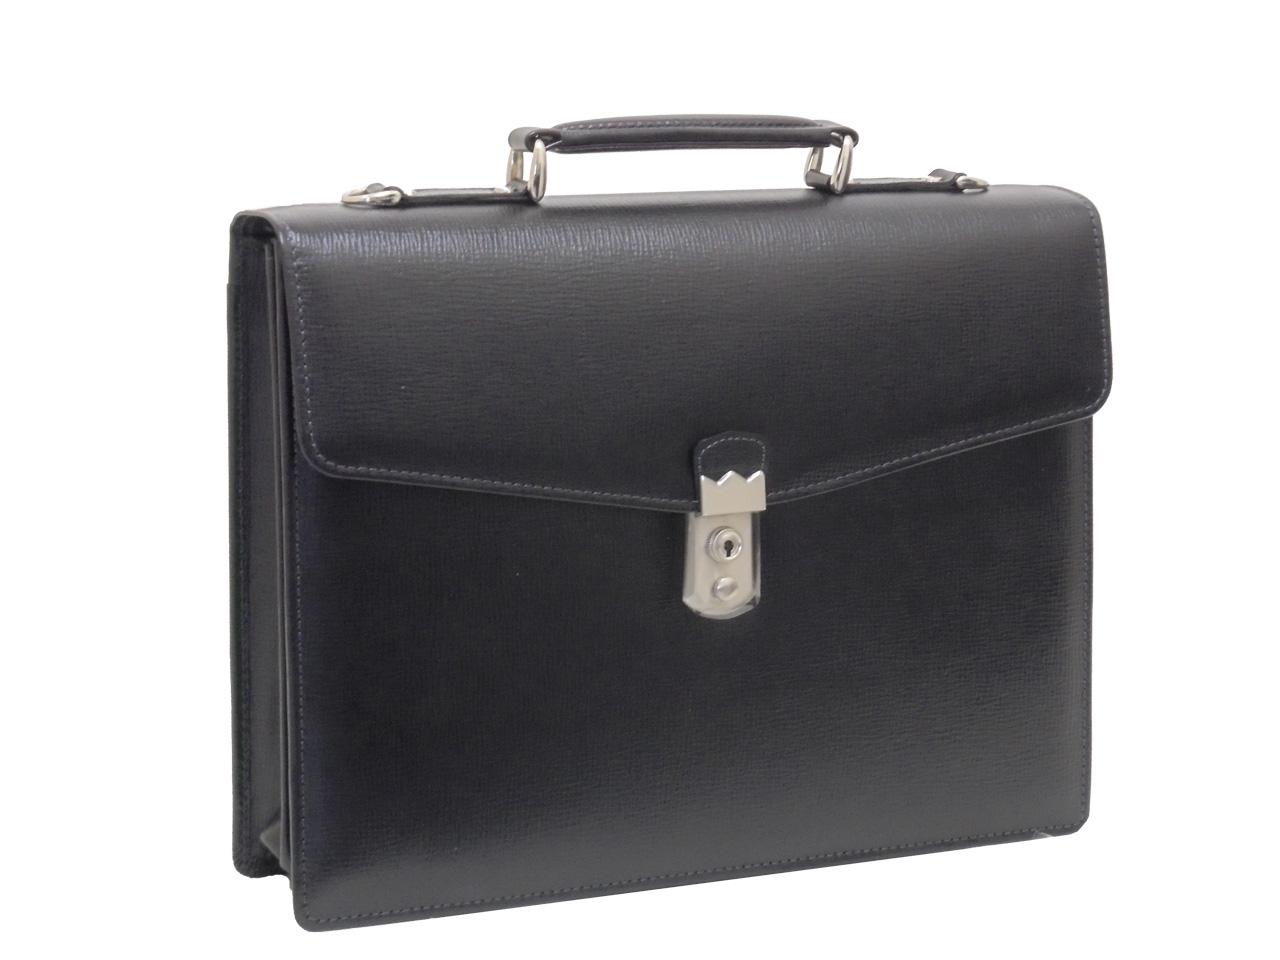 青木鞄 Lugard・BALBOS ラガード・バルボス メンズ ビジネスバッグ ブリーフケース 4415 MADE IN JAPAN(日本製)